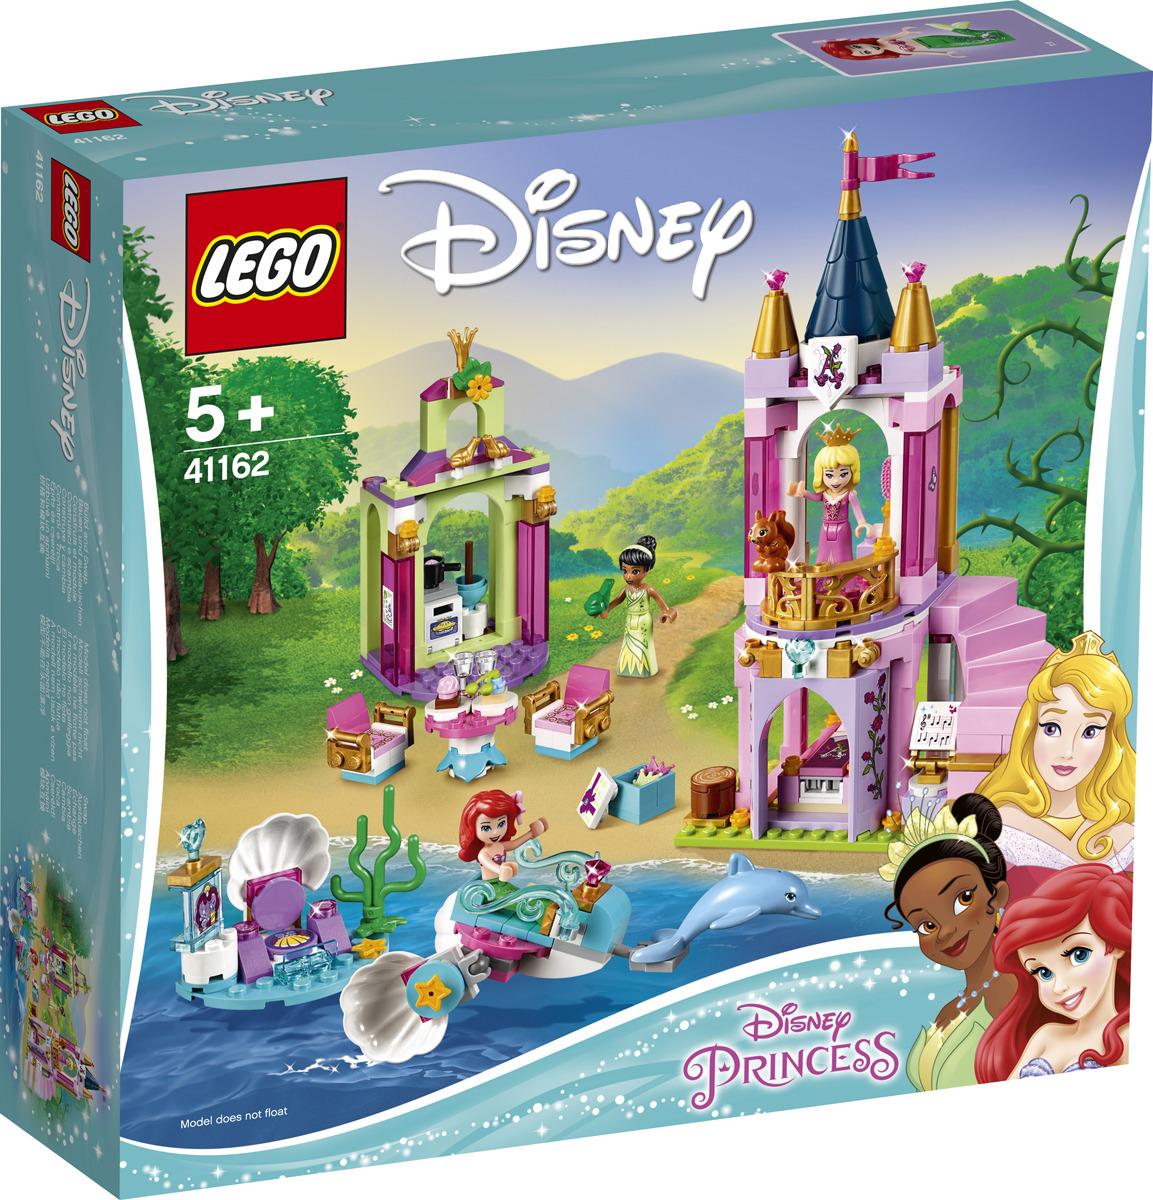 Конструктор LEGO Disney Princess Королевский праздник Ариэль, Авроры и Тианы, 4116241162Поиграйте с тремя своими любимыми принцессами Disney из этого особенного набора LEGO Disney. Используйте вращающуюся фигурку, чтобы помочь принцессе Авроре танцевать на балконе своего замка. Прокатитесь вместе с принцессой Ариэль на ее подводной карете-раковине. А затем испеките немного круассанов для ресторана принцессы Тианы и ее подружки-лягушки. Только представьте, какие увлекательные приключения вы сможете придумать вместе с этими вдохновляющими принцессами, исследующими миры друг друга!